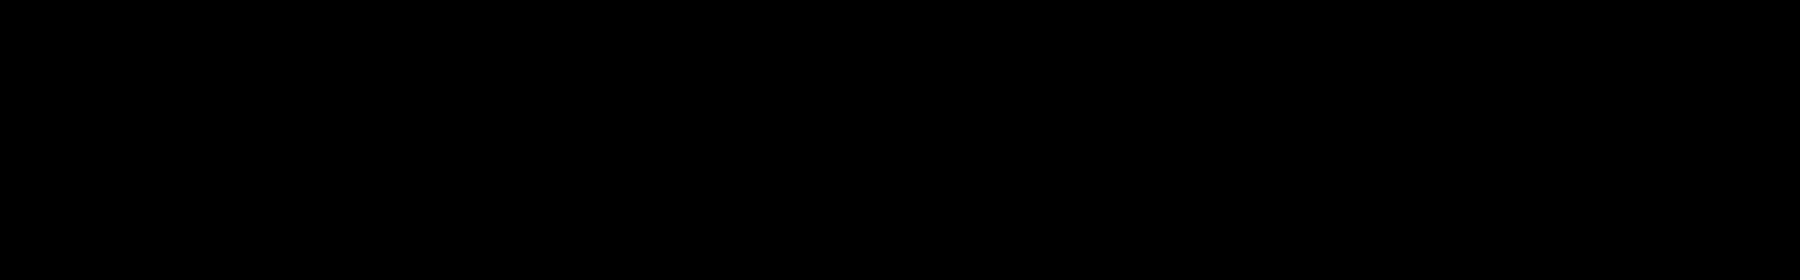 X-88 audio waveform